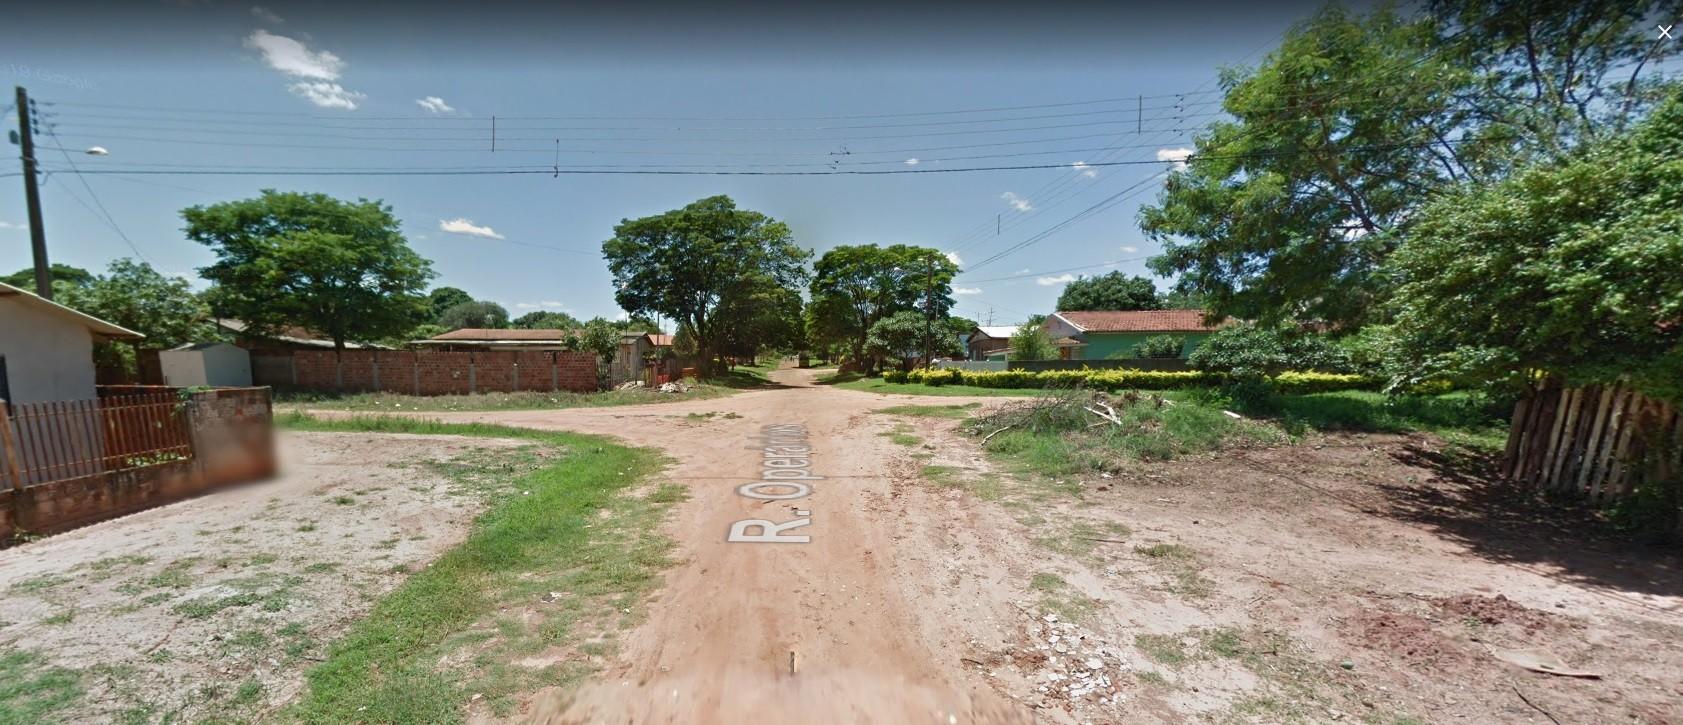 Foto do local do acidente - Google Street View